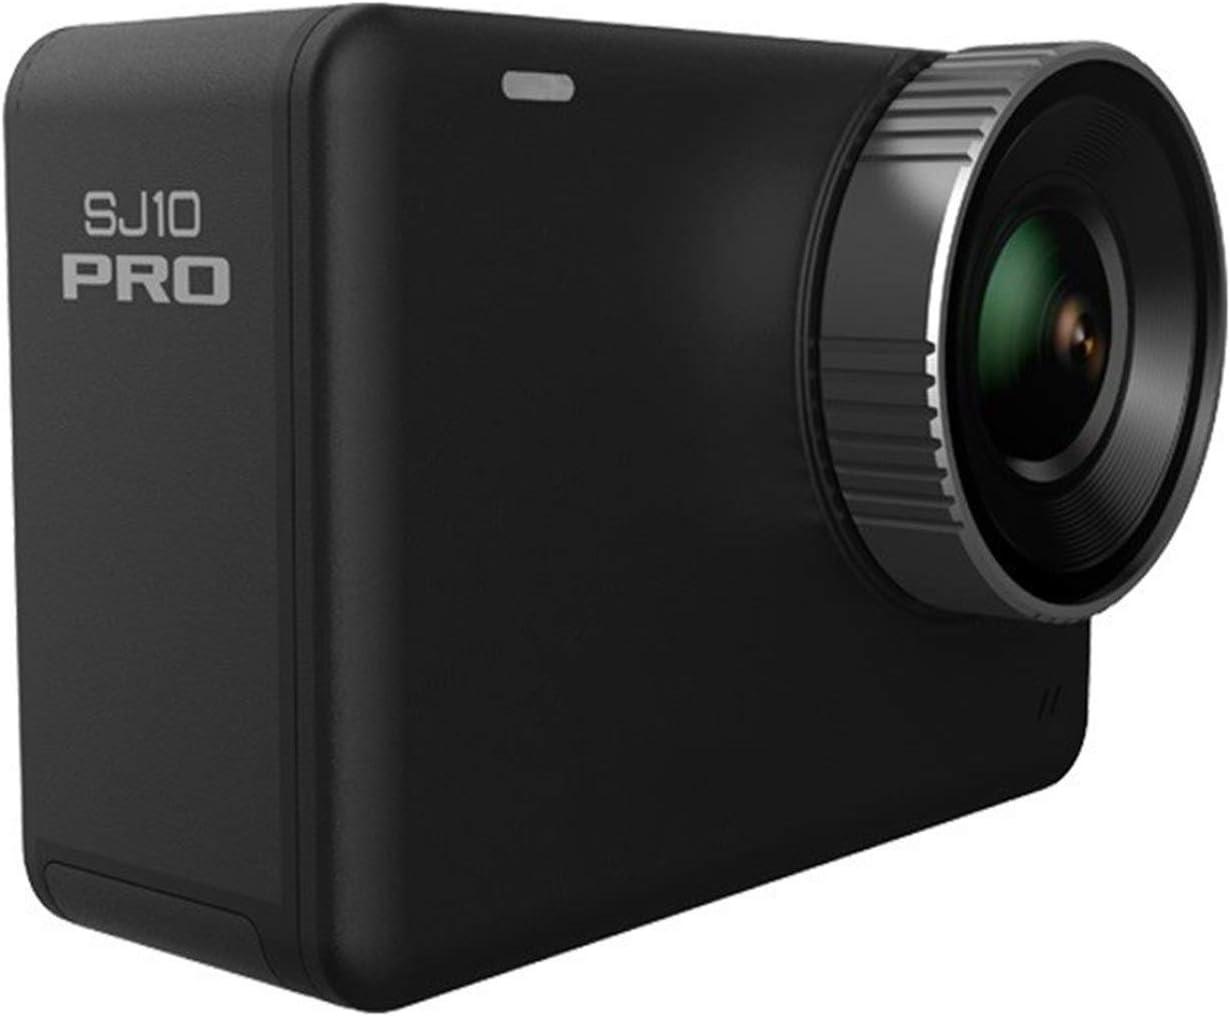 SJ10 Pro Supersmooth Gyro Estabilización WiFi Remoto, cámara, acción H22 chipset 4K / 60 FPS EIS cámara Ultra HD Deportes Extremos F11.12C (Bundle : Standard, Color : Black)